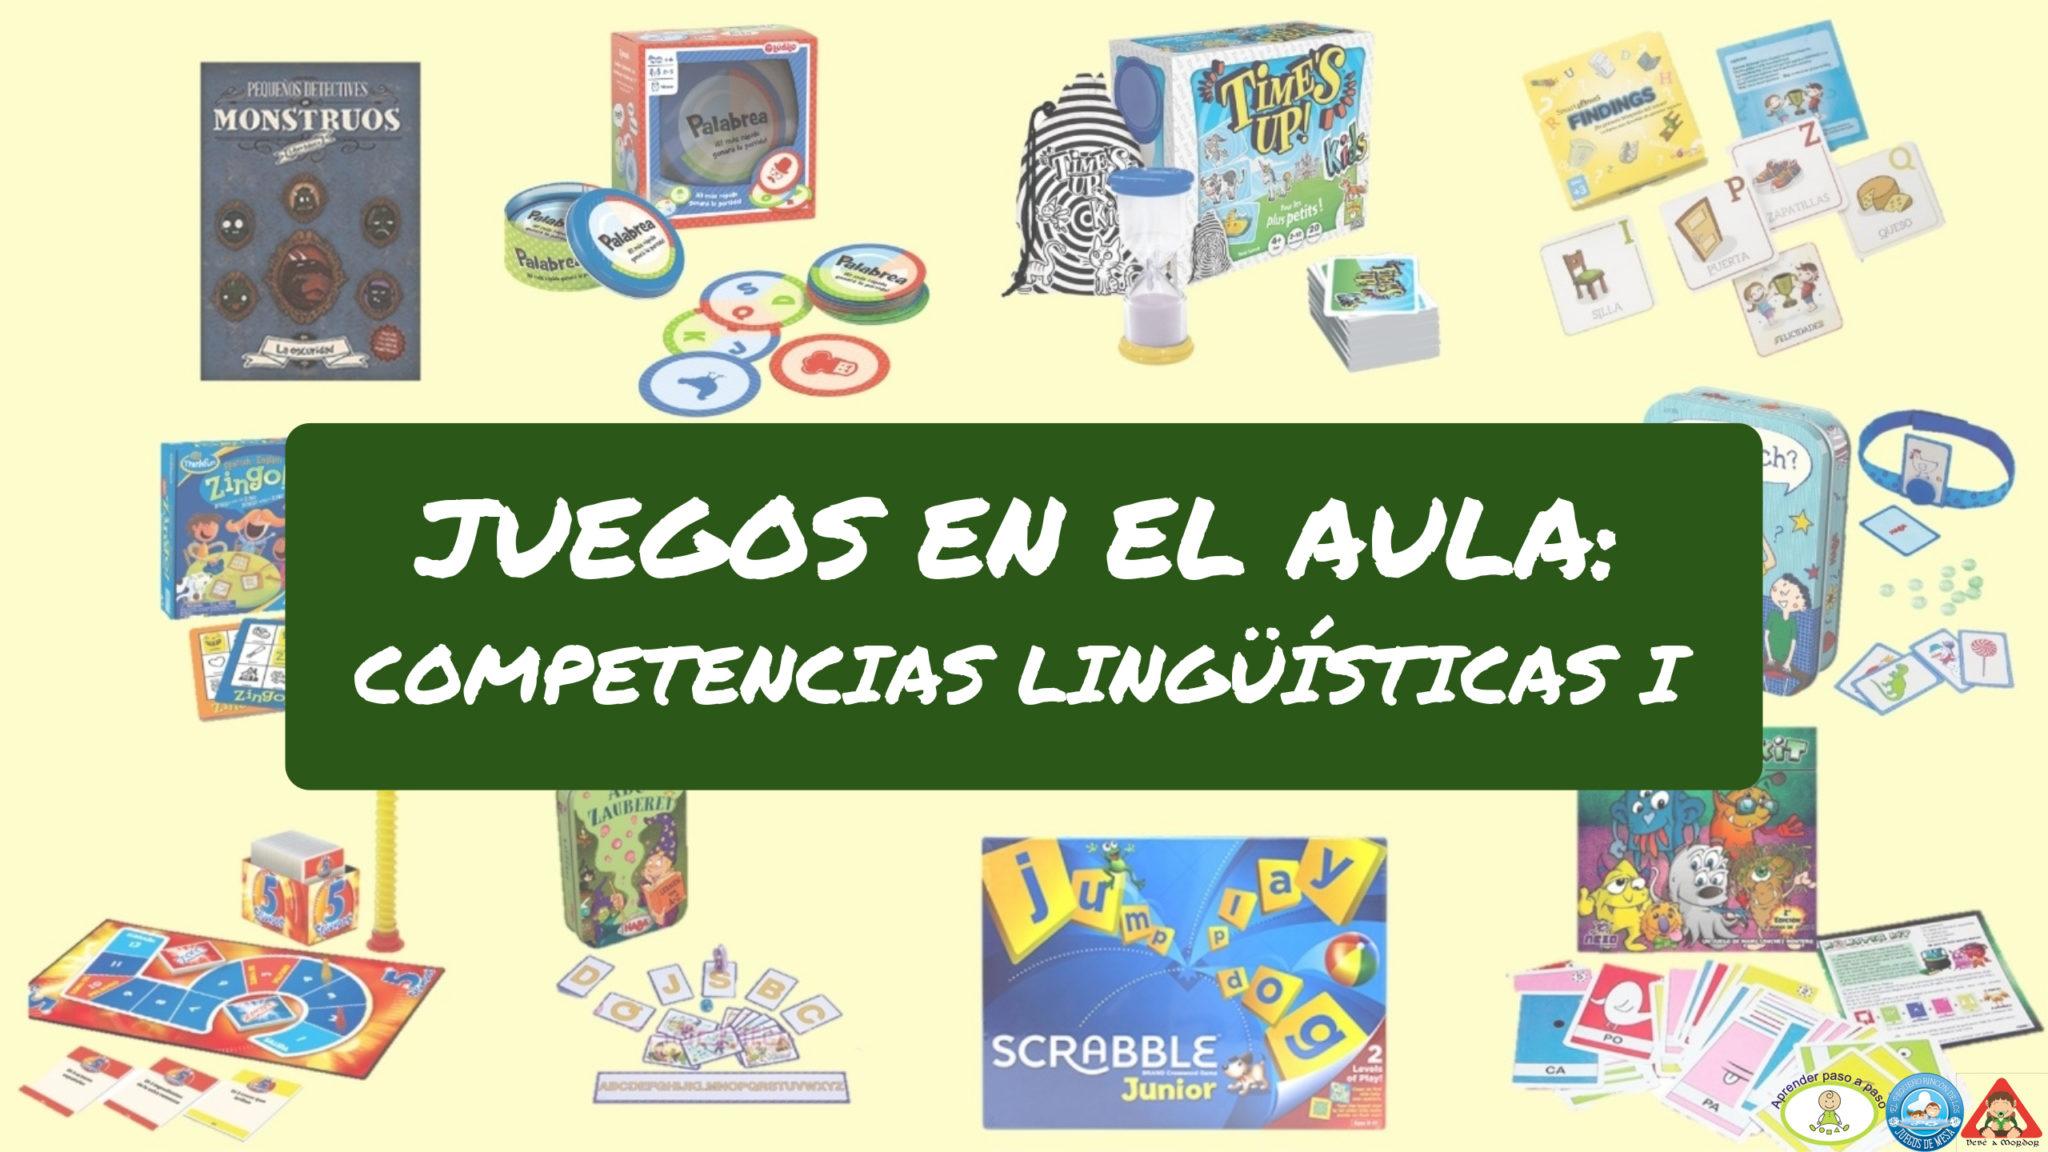 Efecto Ludico Juegos Por Asignaturas Competencias Linguisticas I